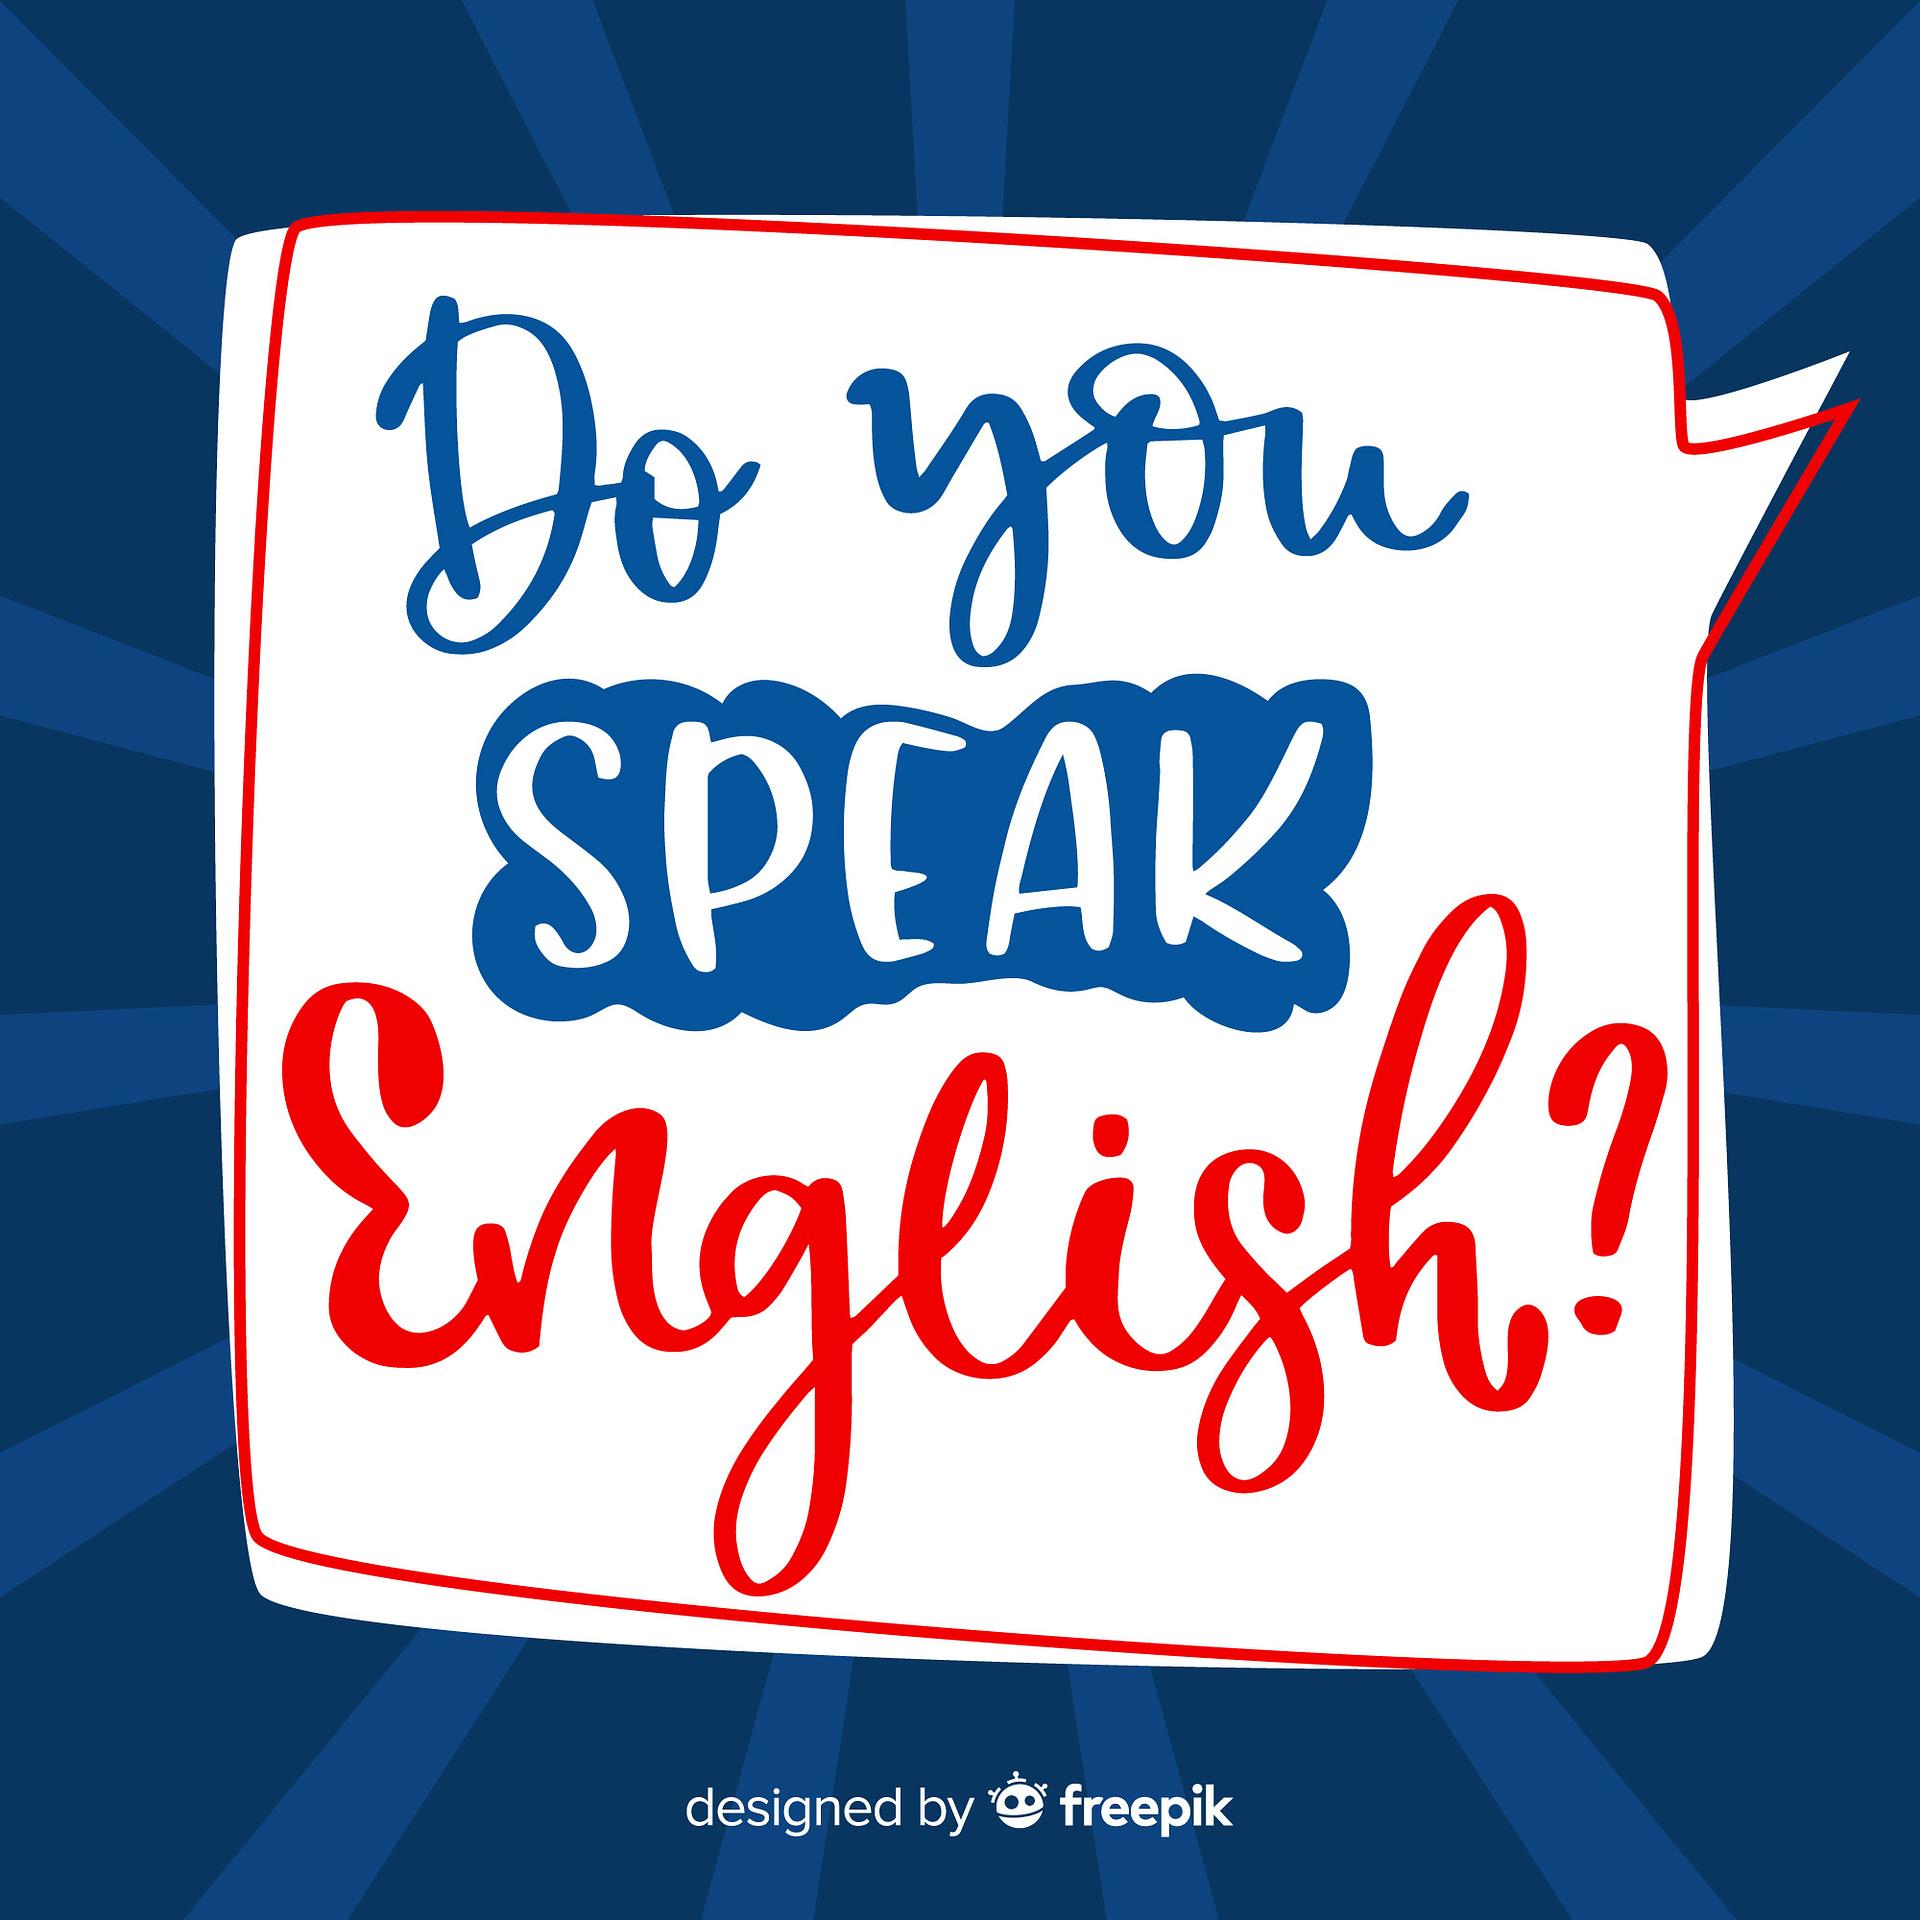 Porque saber inglés es importante